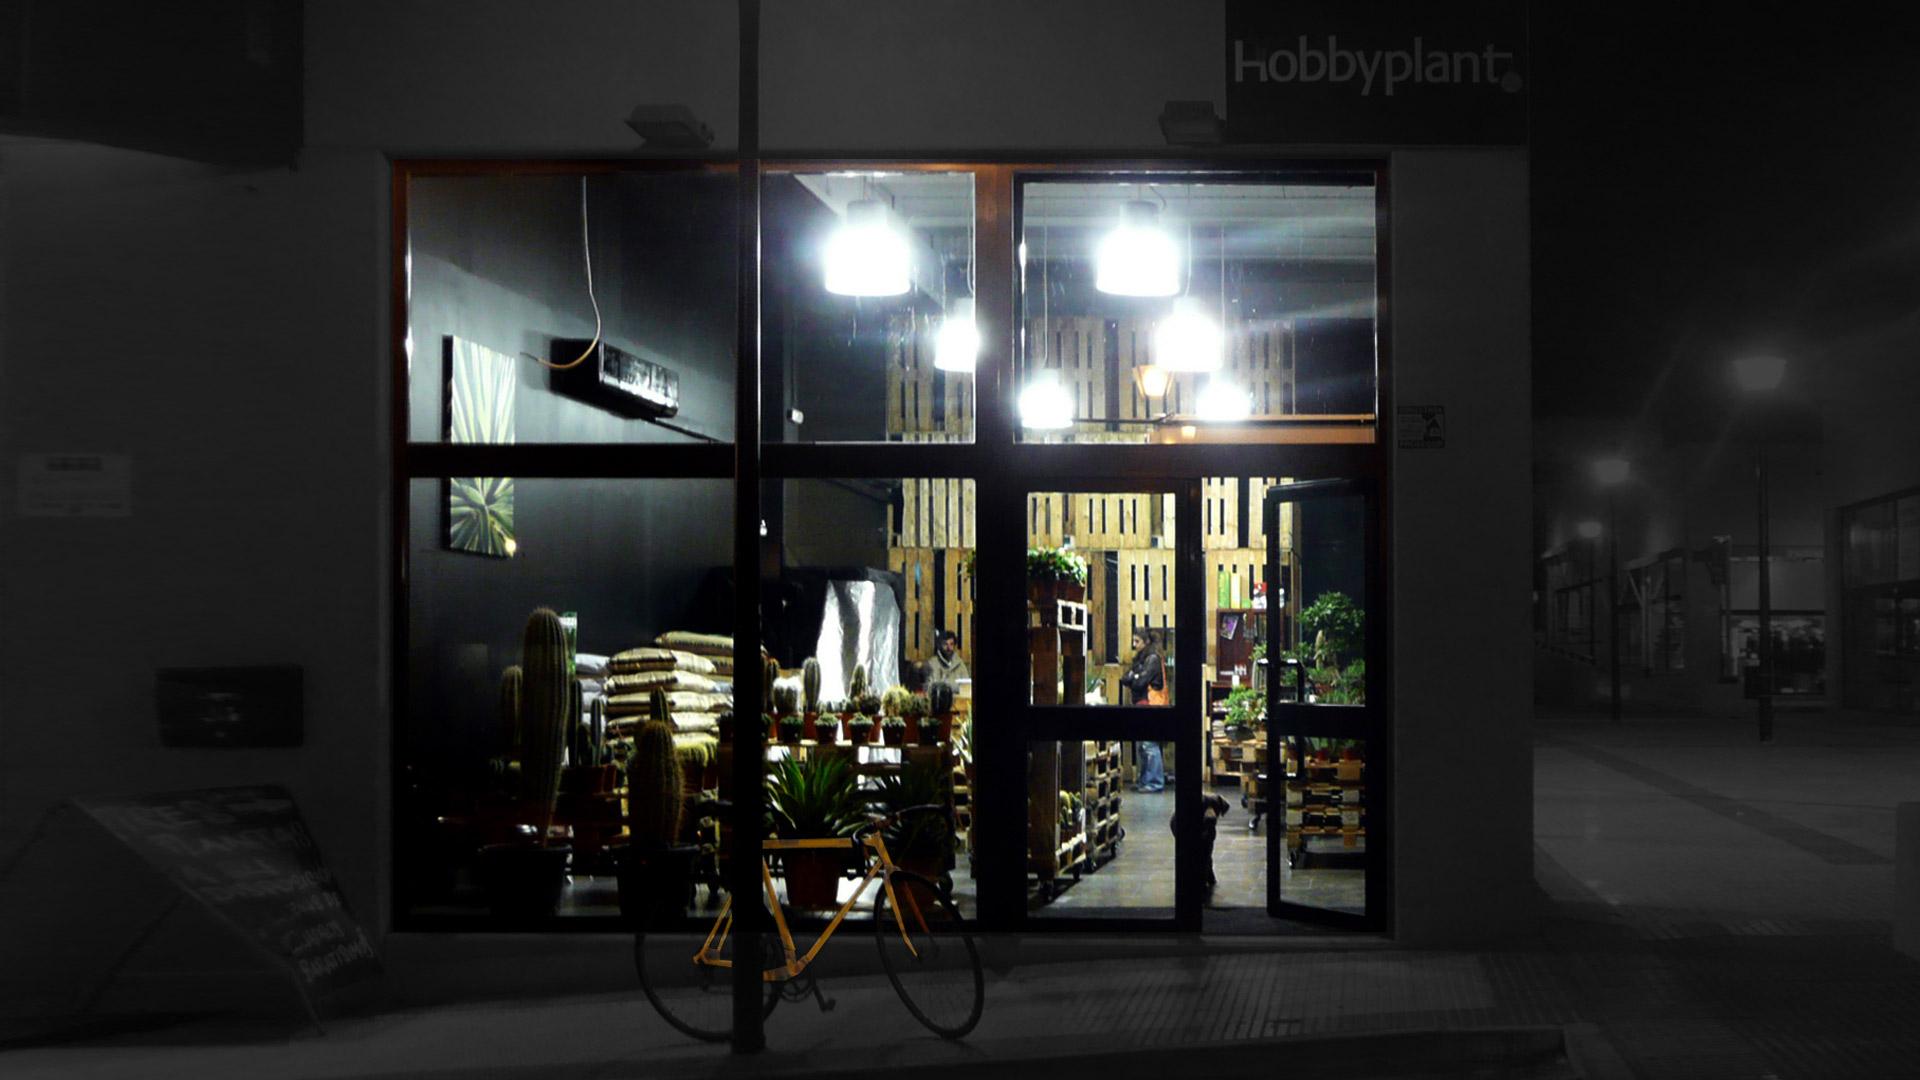 Autoconstrucci n de una tienda con pallets reciclados - Arquitectura invisible ...